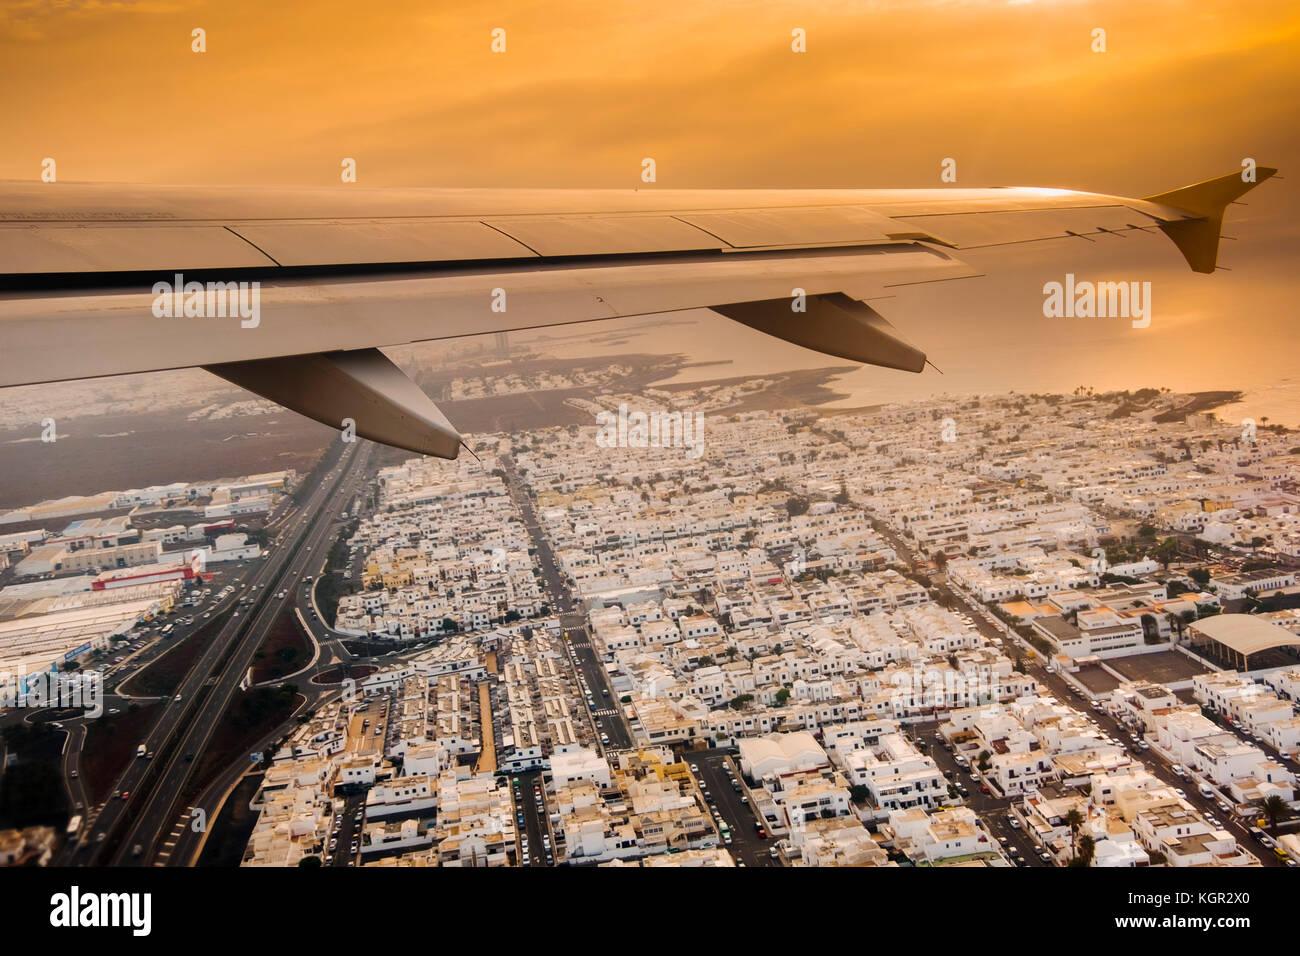 Flugzeug weg vom Flughafen Lanzarote Lanzarote Insel. Kanarische Inseln Spanien. Europa Stockbild